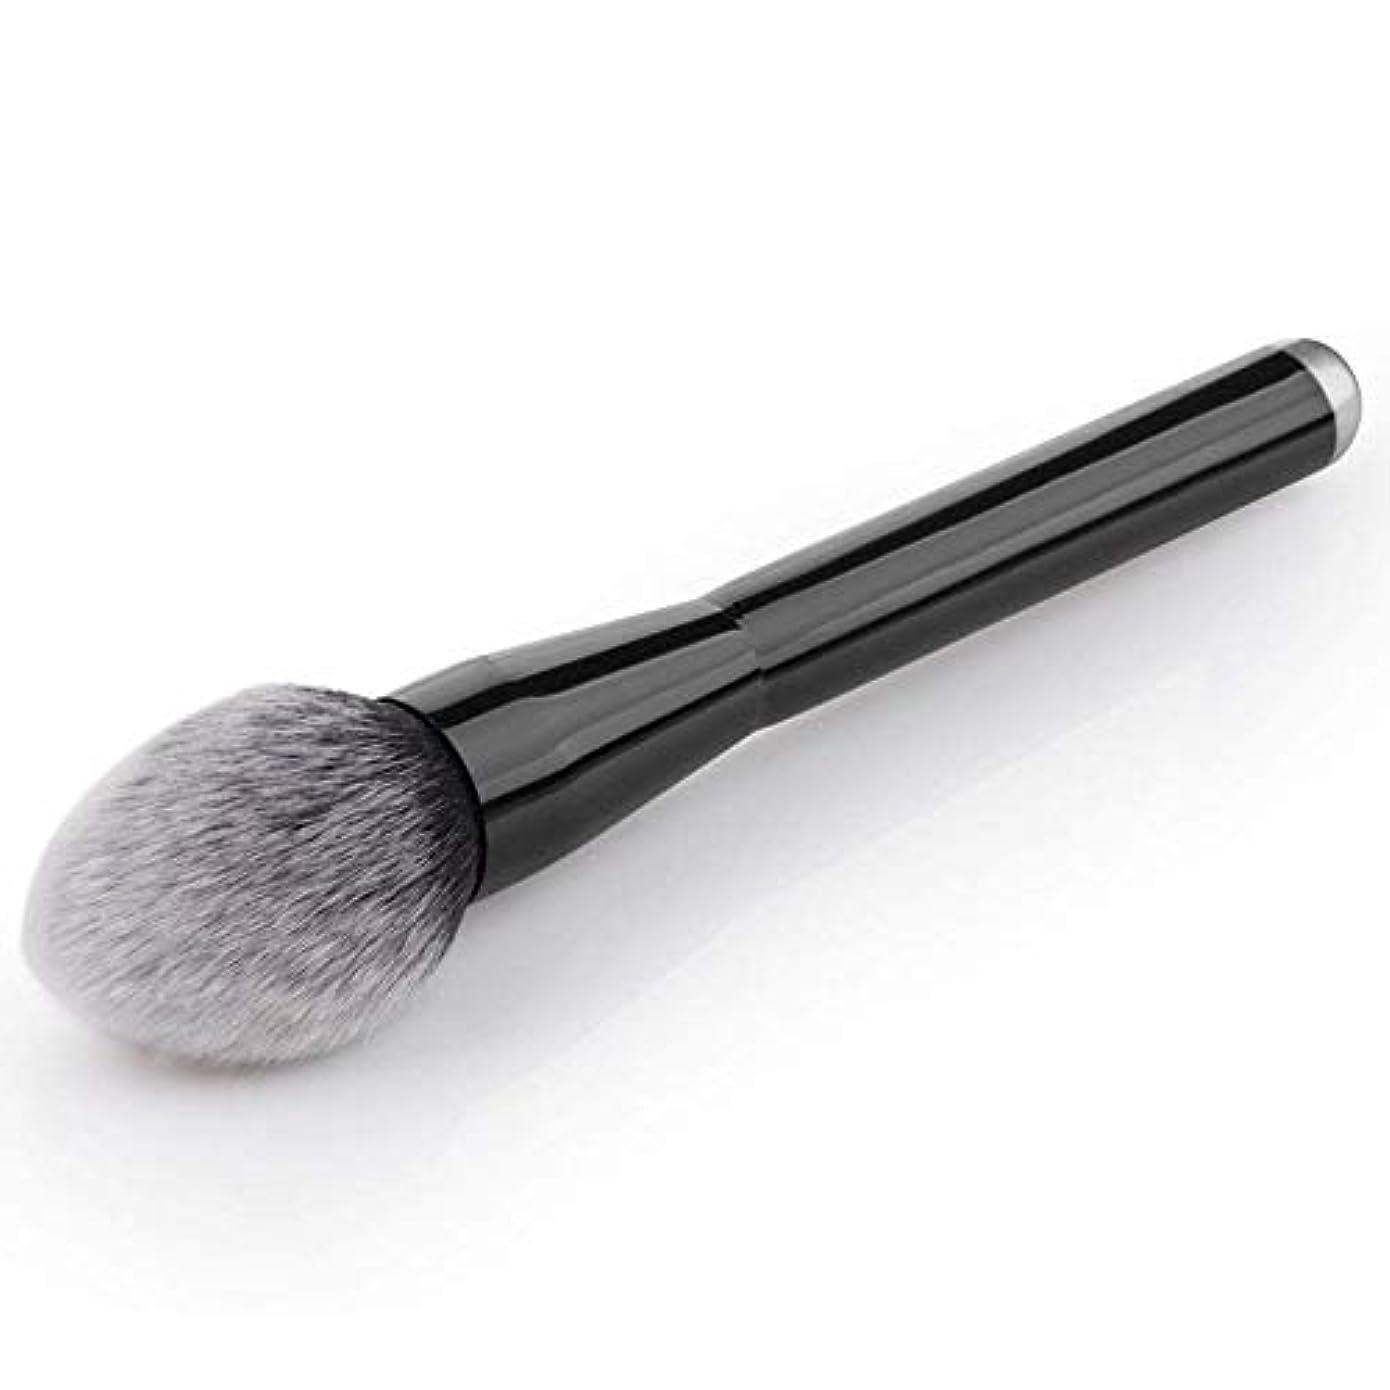 受け皿一掃する本能プロフェッショナルブラックミネラルフェイスルースパウダーブロンザー化粧品メイクアップブラシ